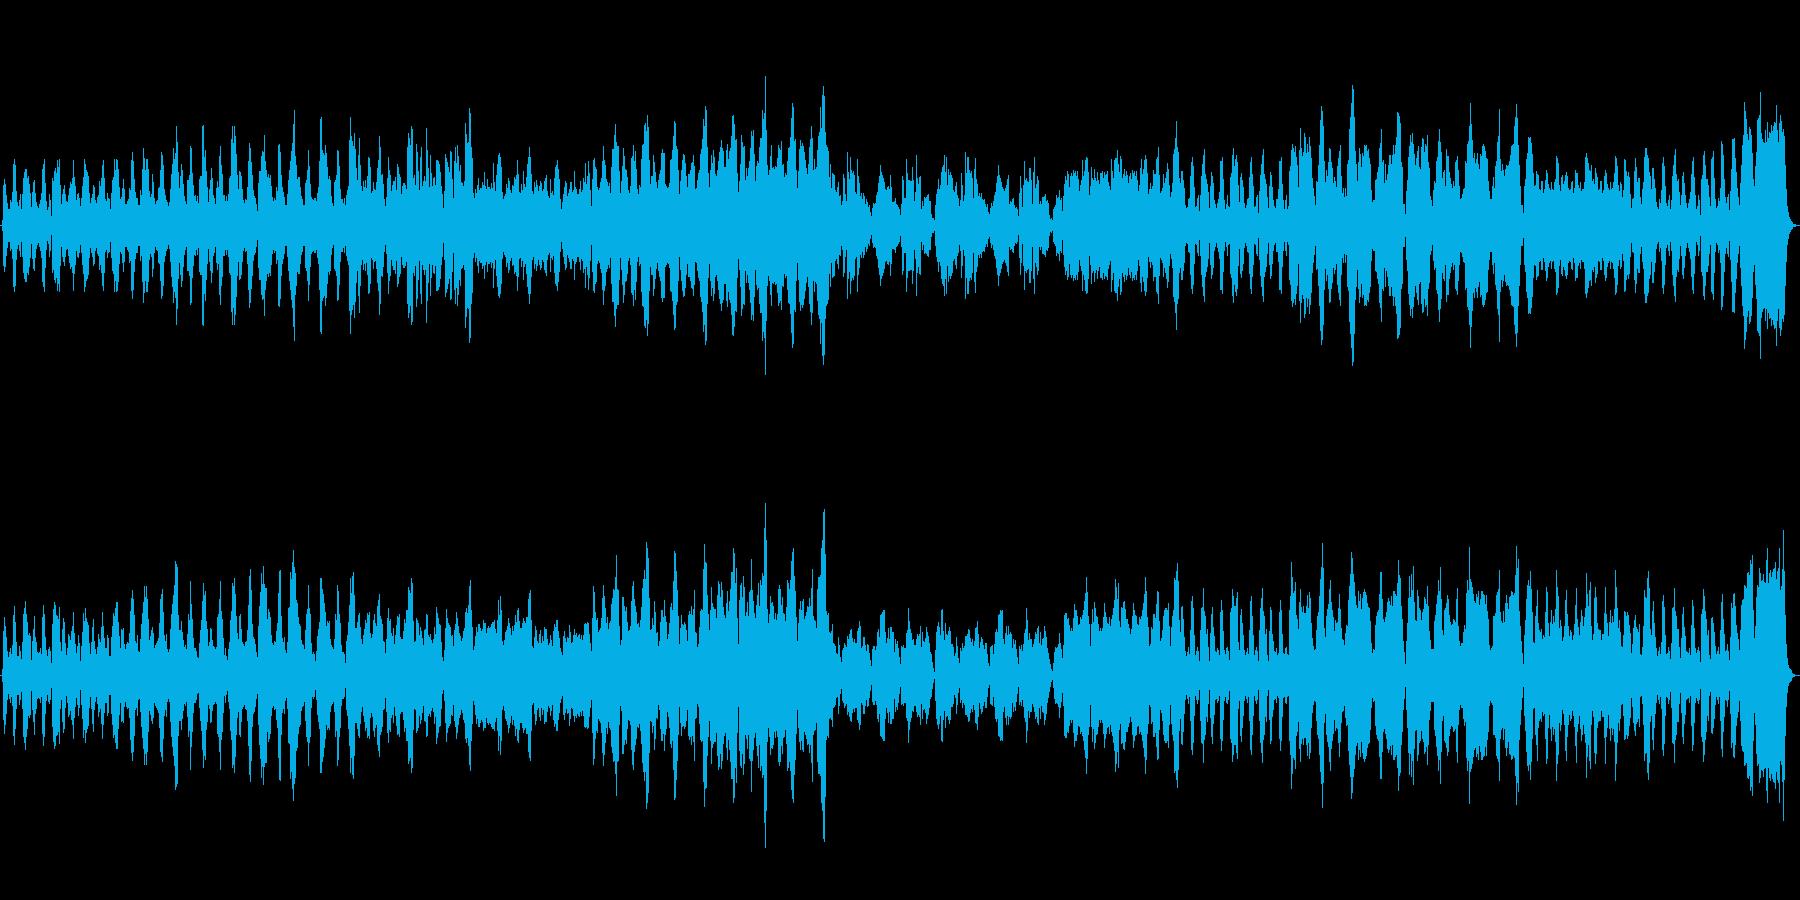 ゲーム/クラシック/妖精/自然/三拍子の再生済みの波形